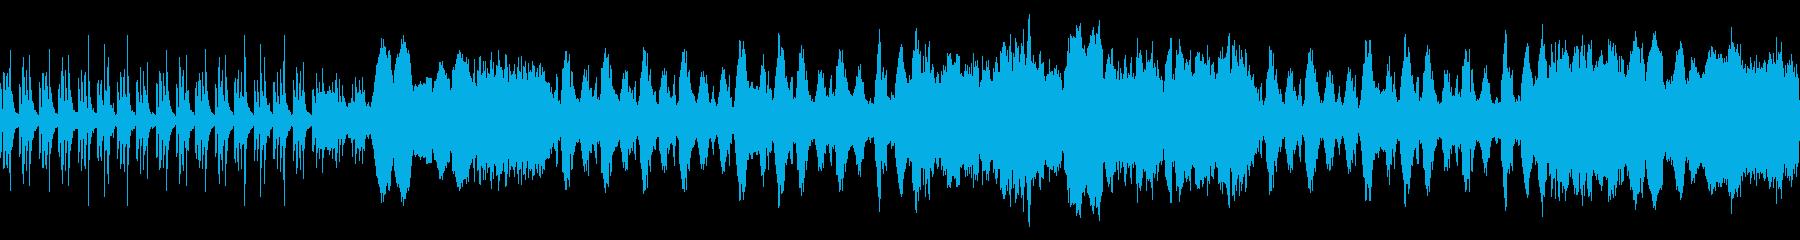 映像 ナレーションRPG 上品 ループの再生済みの波形